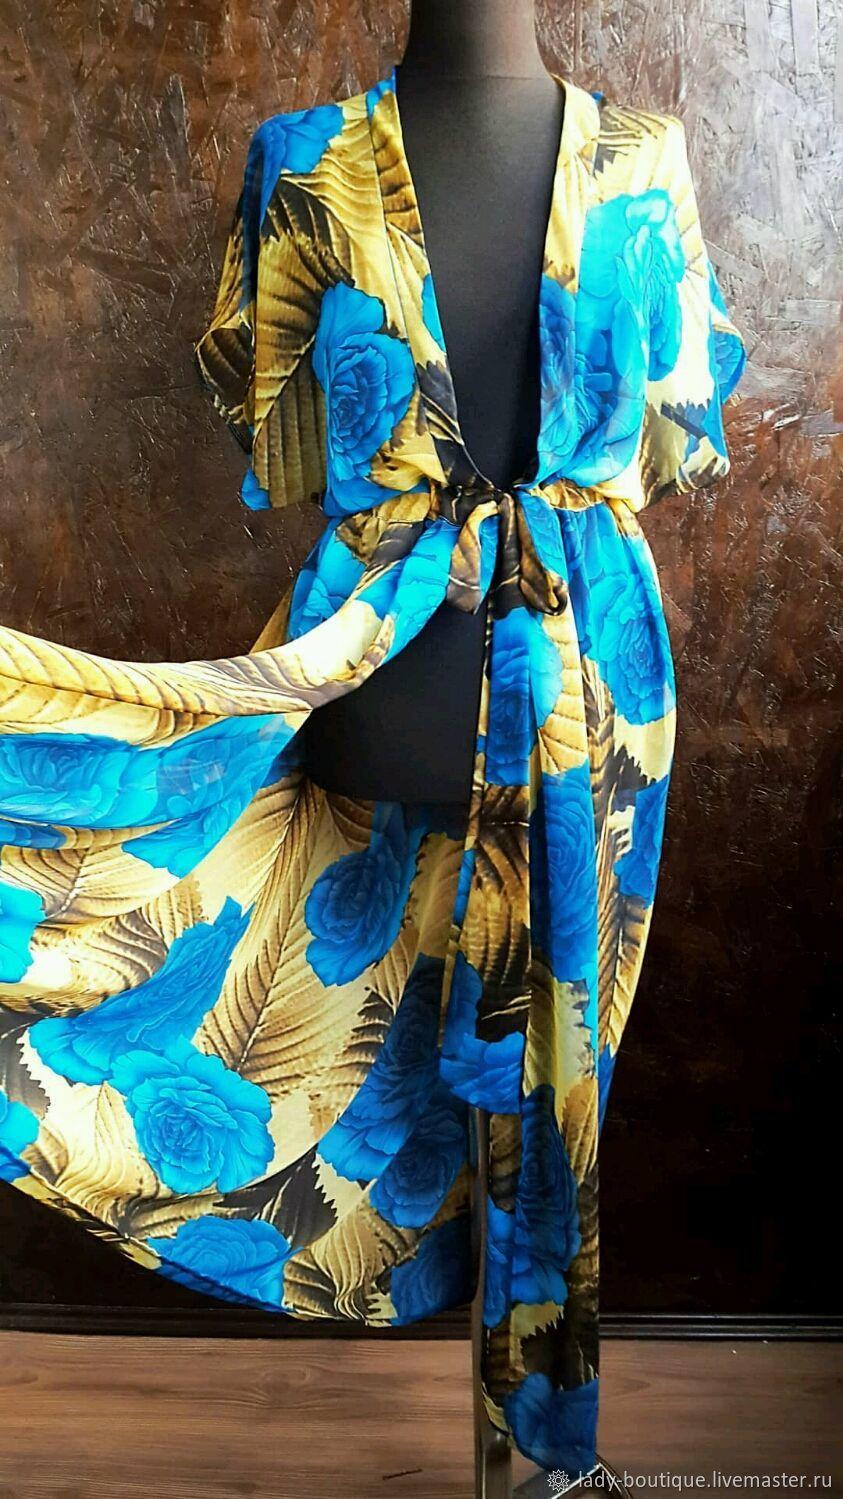 c75920455c4ad85 Пляжные платья ручной работы. Ярмарка Мастеров - ручная работа. Купить  Пляжное платье, пляжная ...